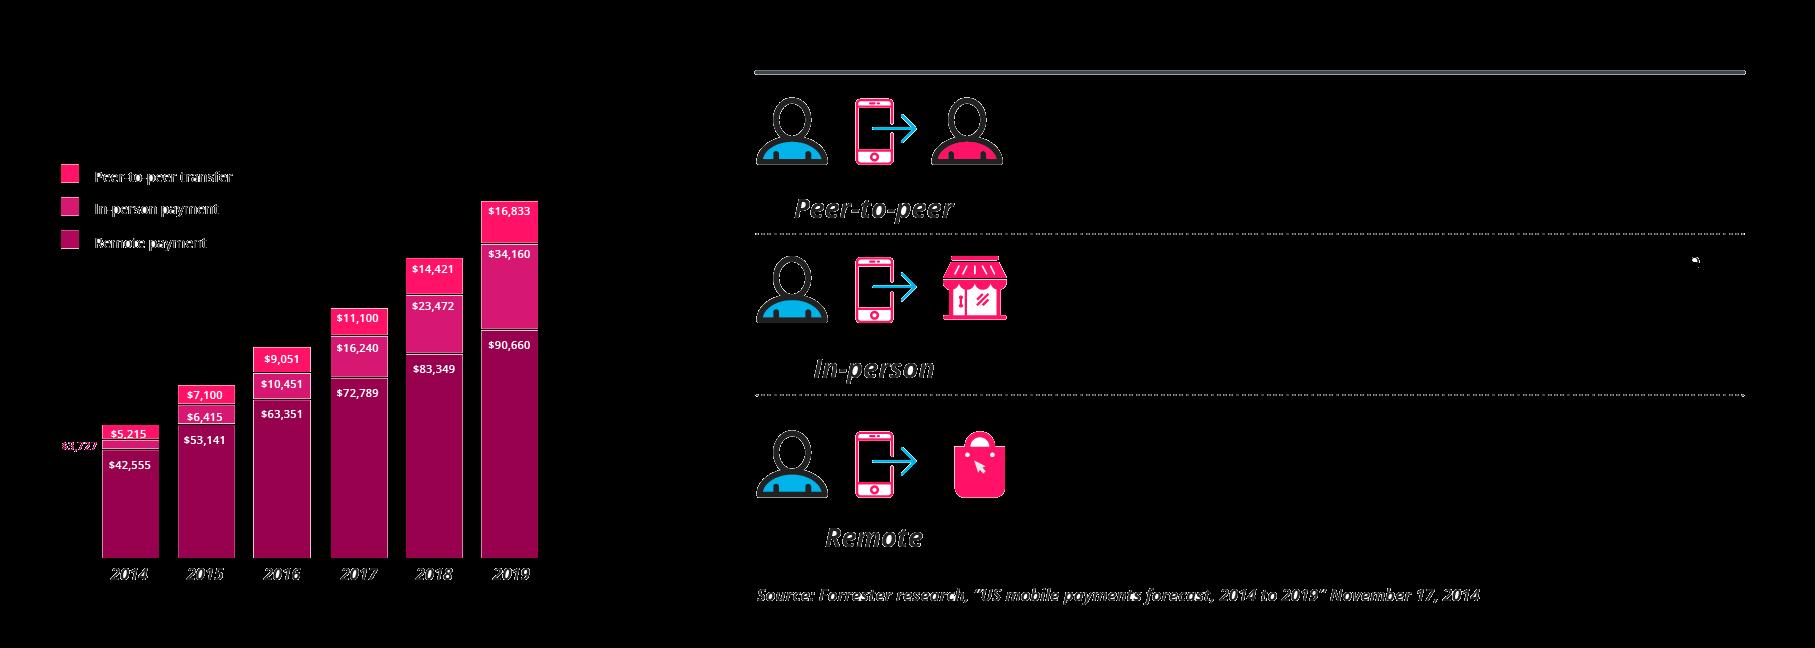 Mobile innbetalinger